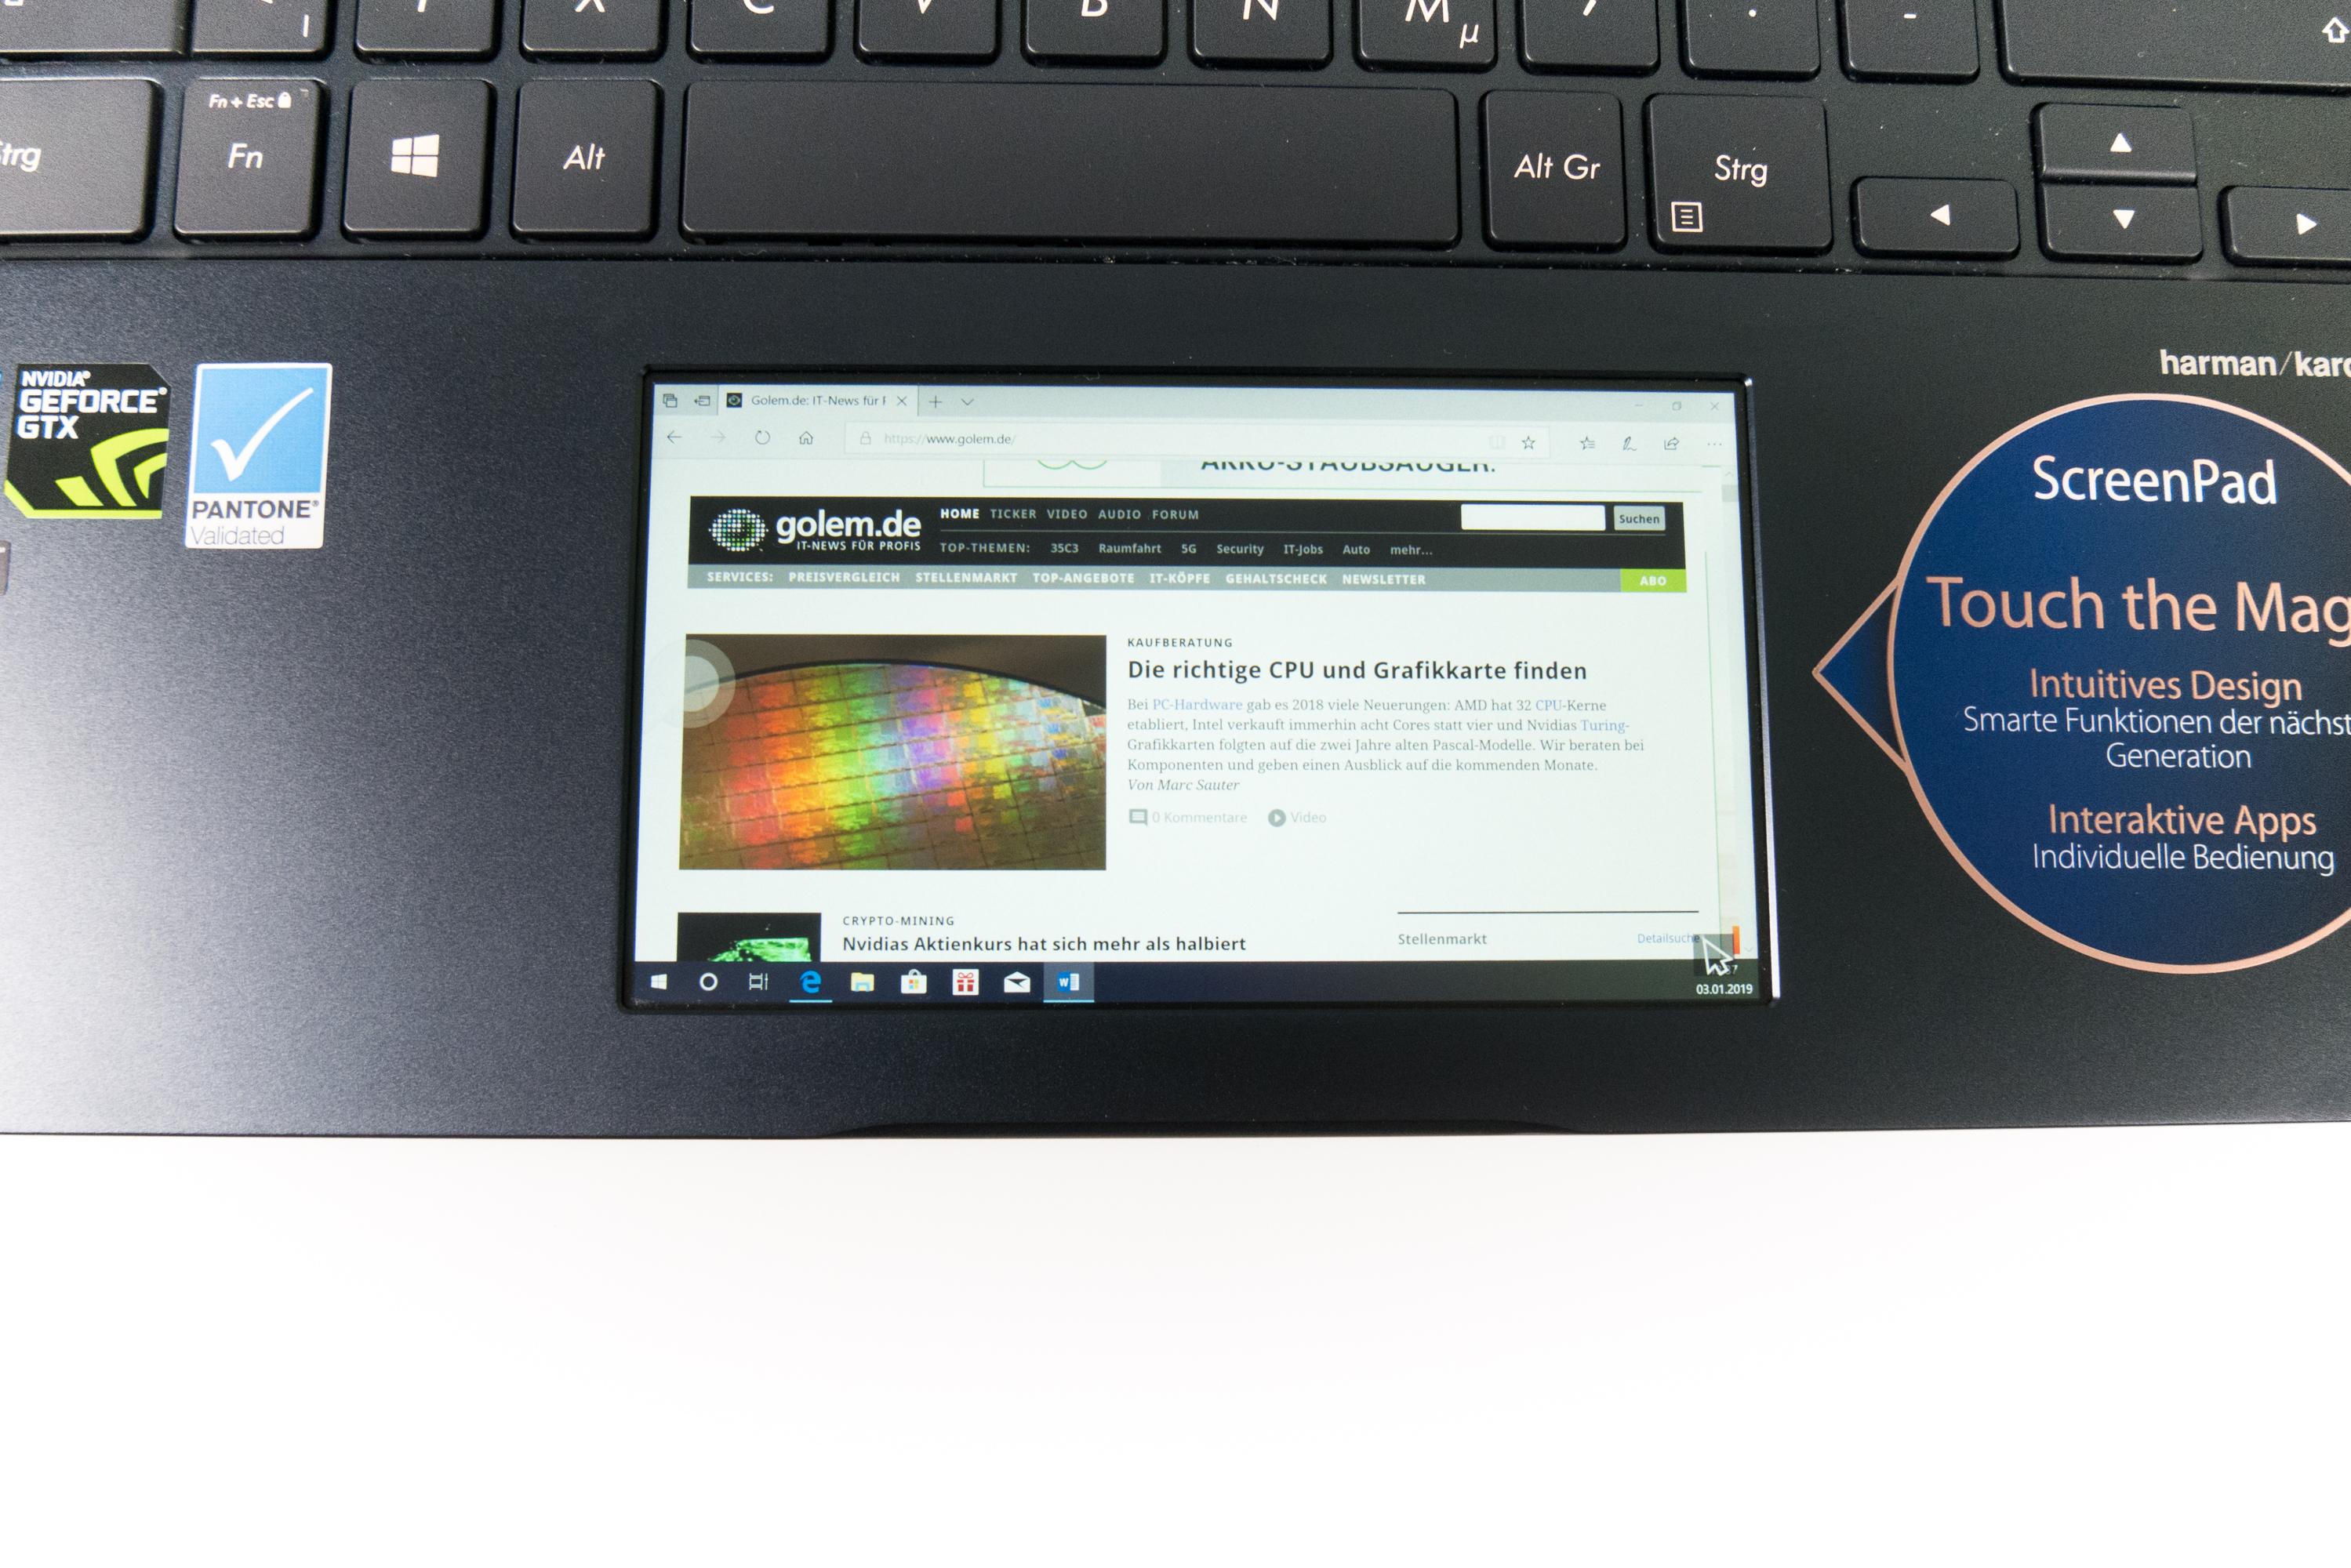 Asus Zenbook Pro 14 im Test: Das Display im Touchpad macht den Unterschied - Praktisch: Das Screenpad als zweiter Monitor (Bild: Oliver Nickel/Golem.de)